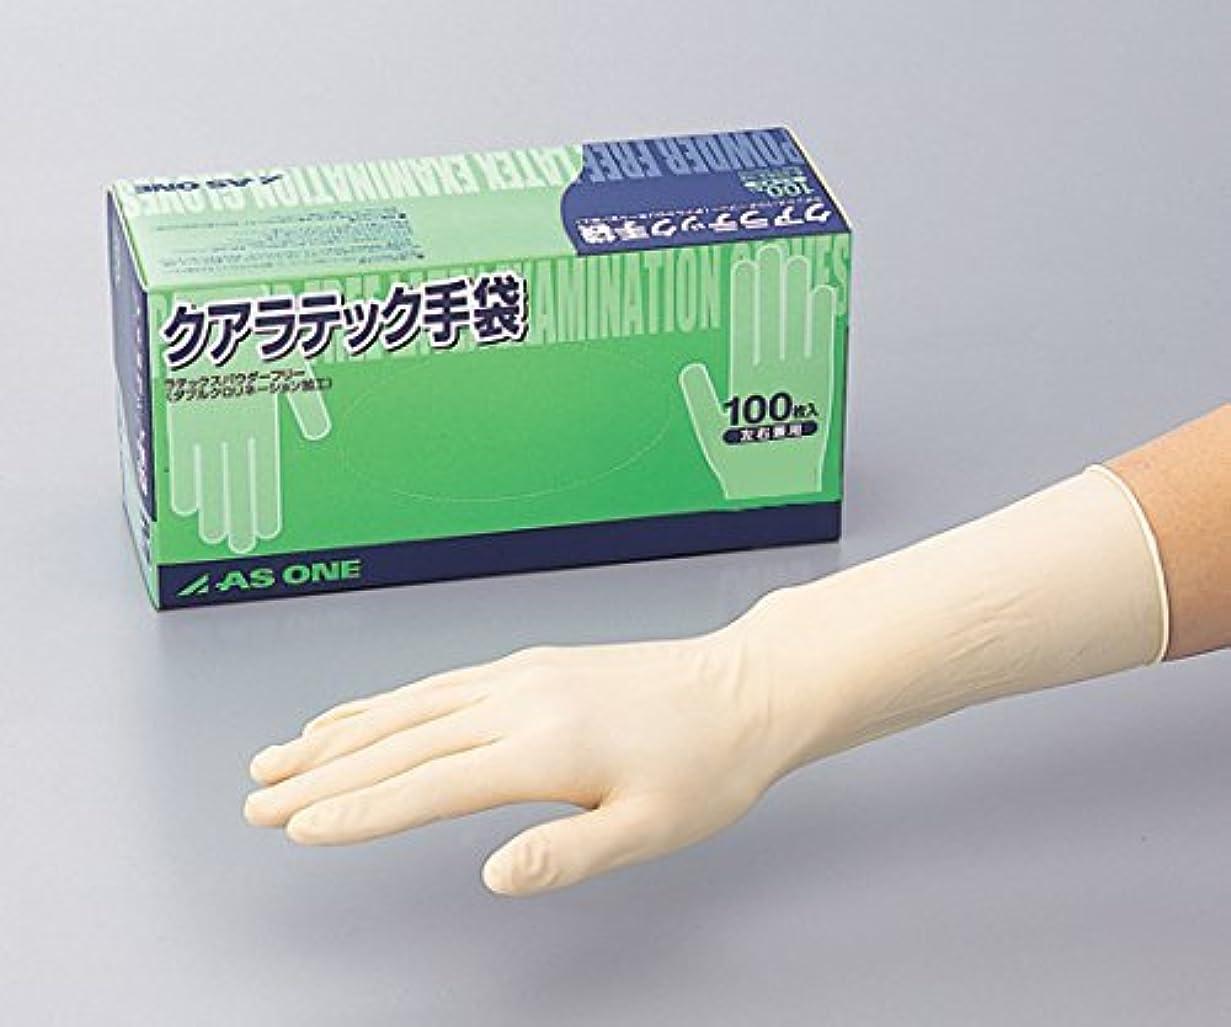 必要私達懸念アズワン8-4053-01クアラテック手袋(DXパウダーフリー)L1箱(100枚入)